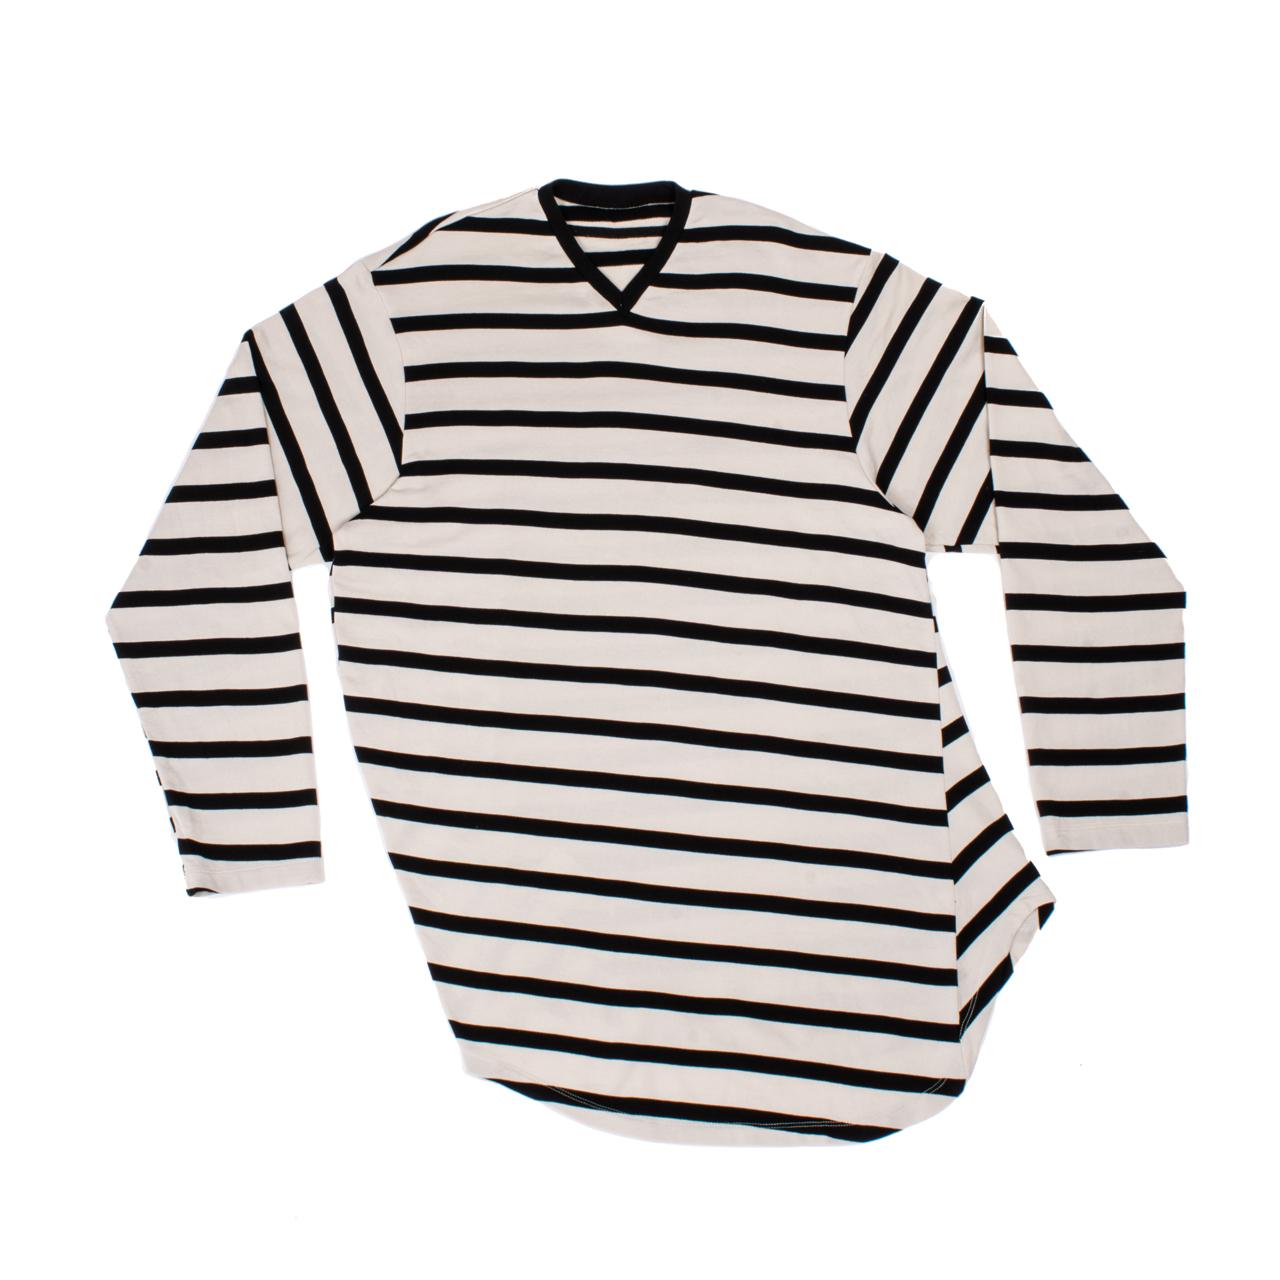 707CUM2-OFF×BLACK / ストライプロングスリーブ Tシャツ